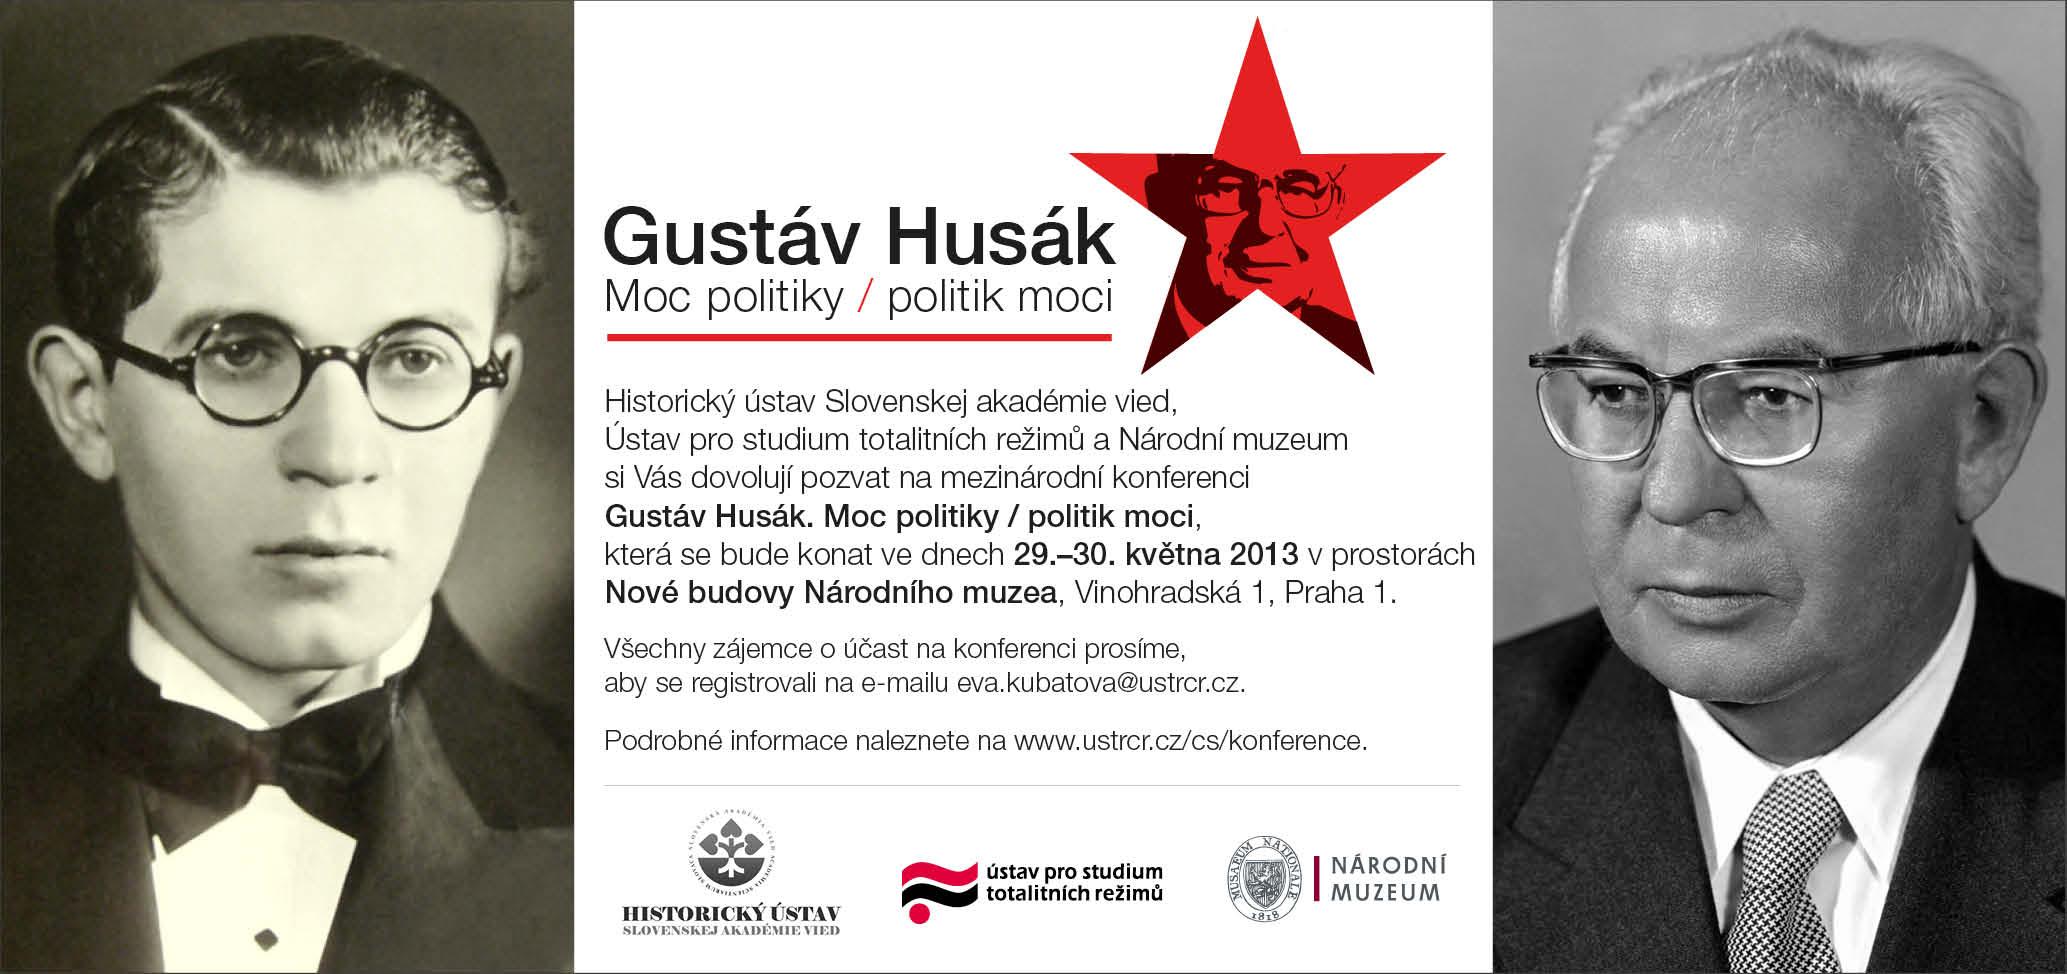 http://www.noveslovo.sk/sites/noveslovo.sk/files/gh_-_oficialna_pozvanka_2.jpg